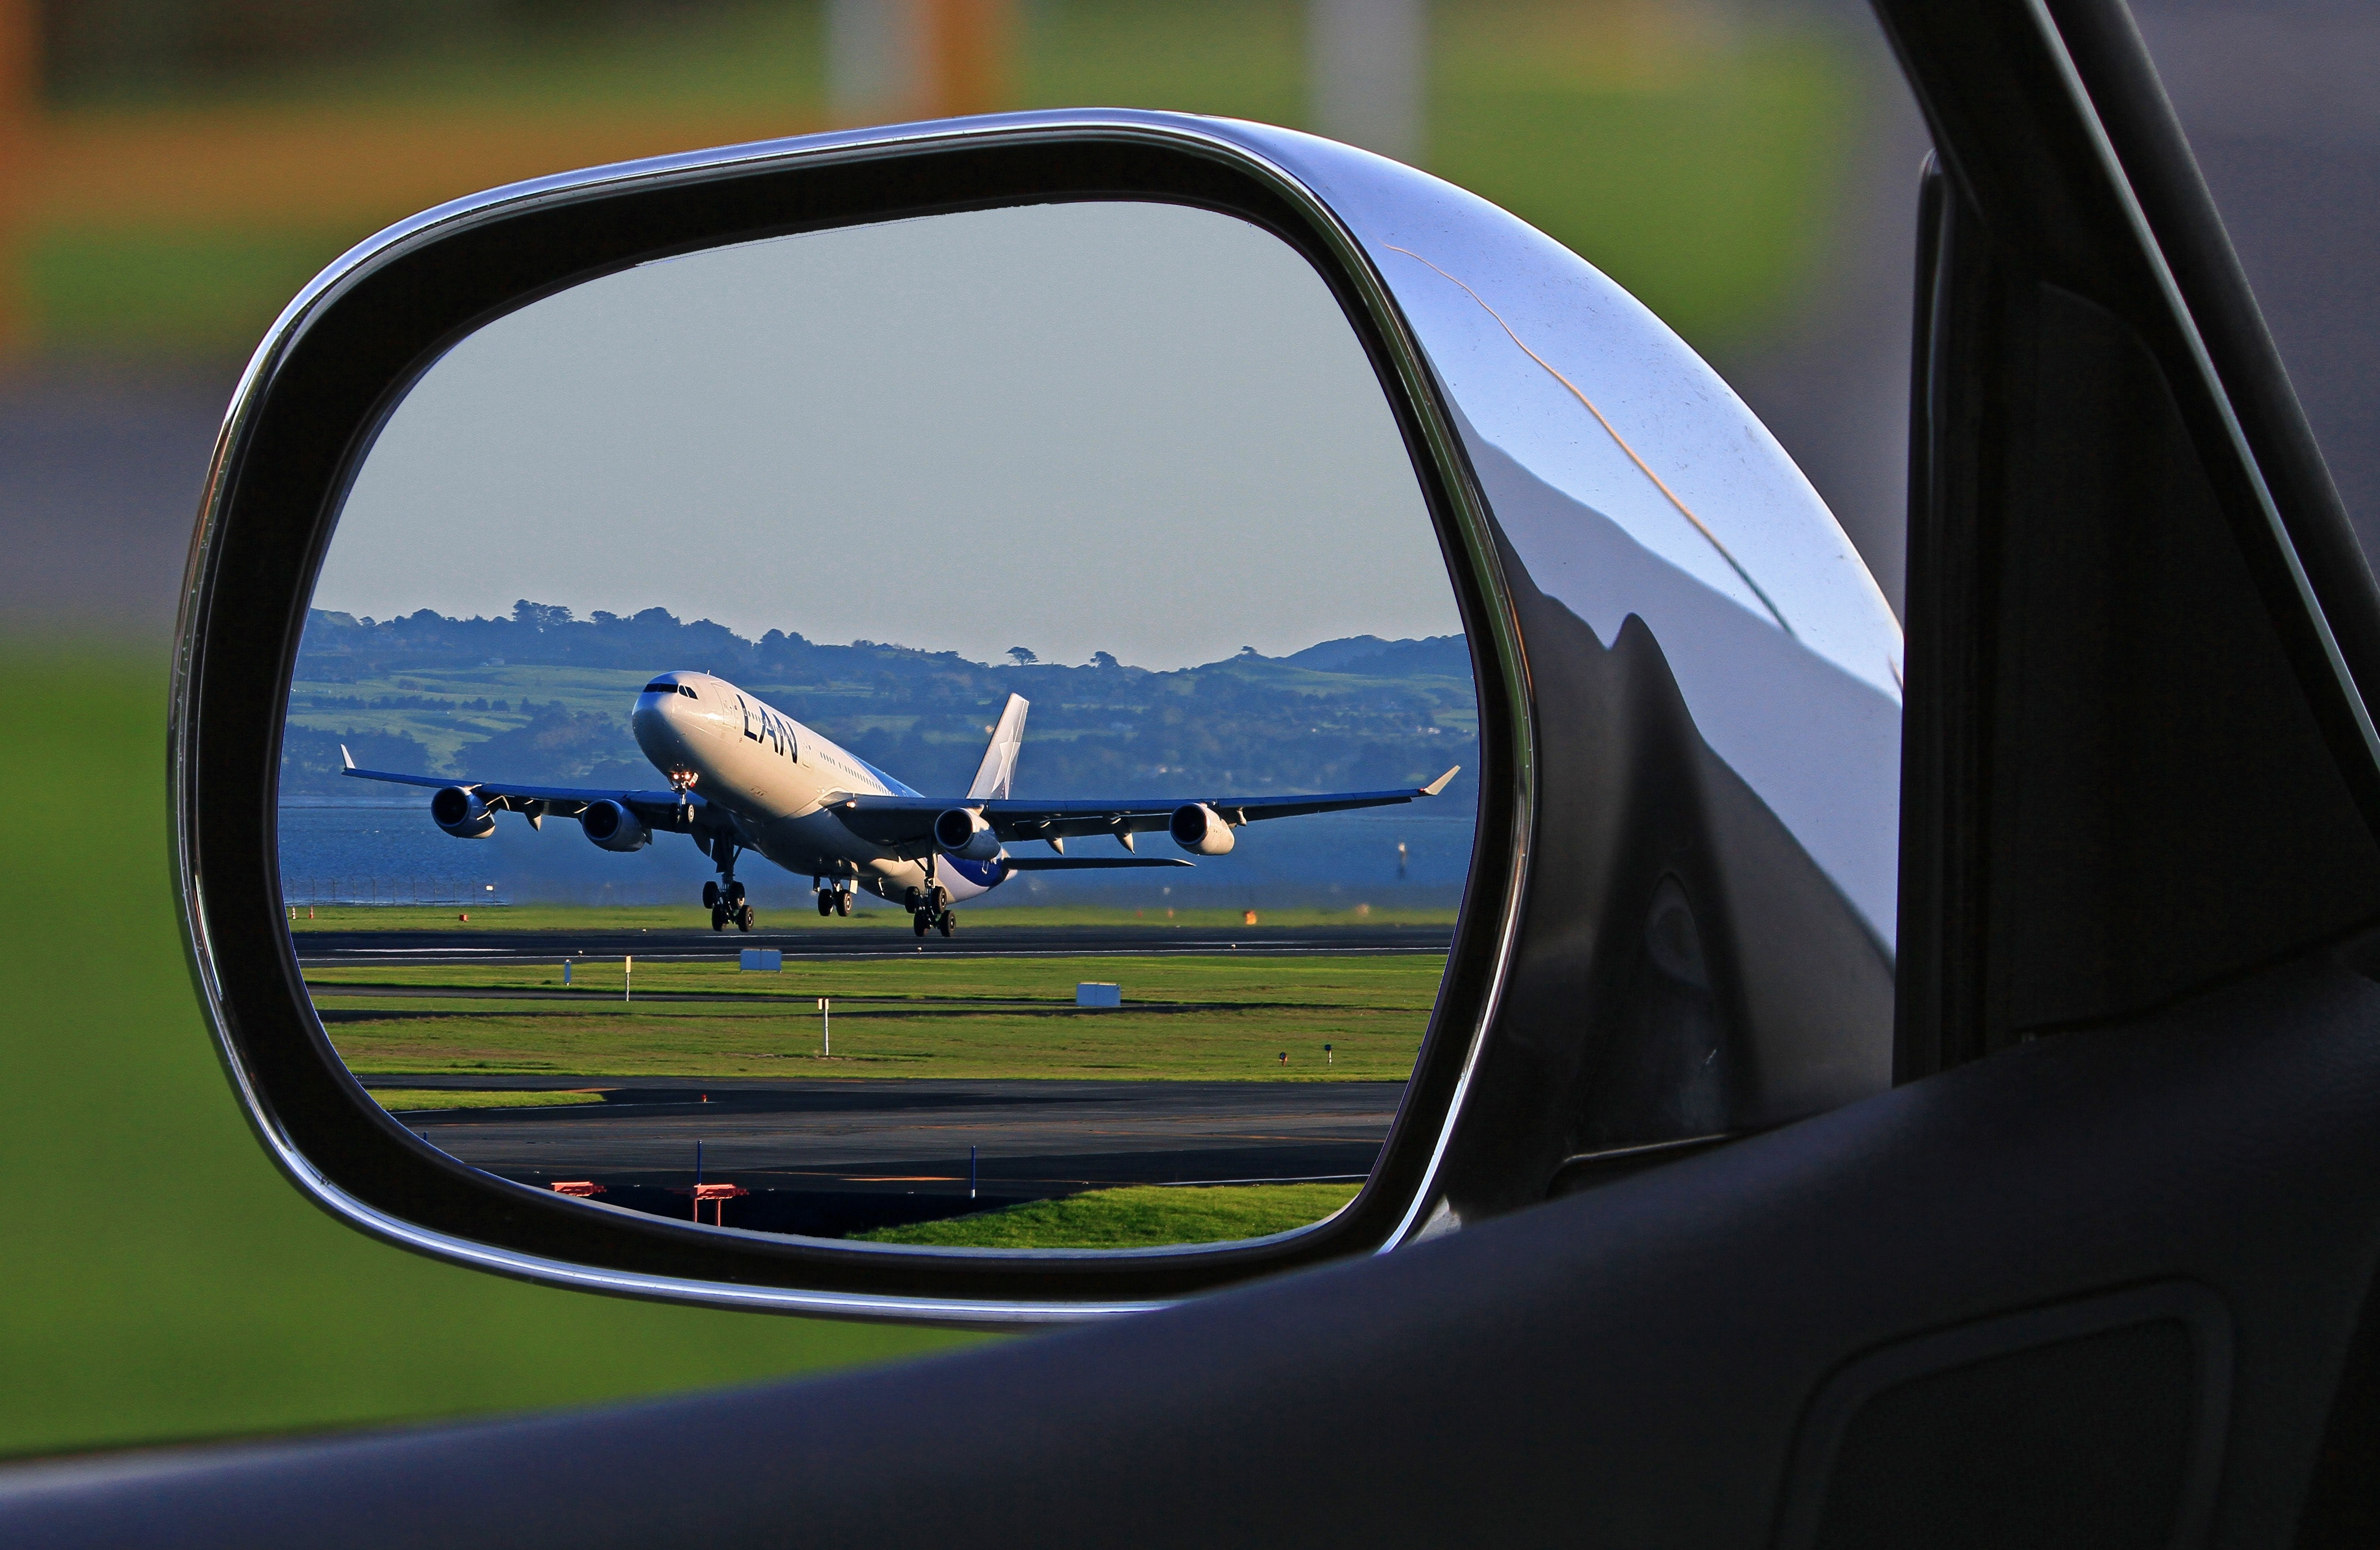 Cand ai nevoie de transport de la aeroport, alege serviciile de inchirieri auto Otopeni